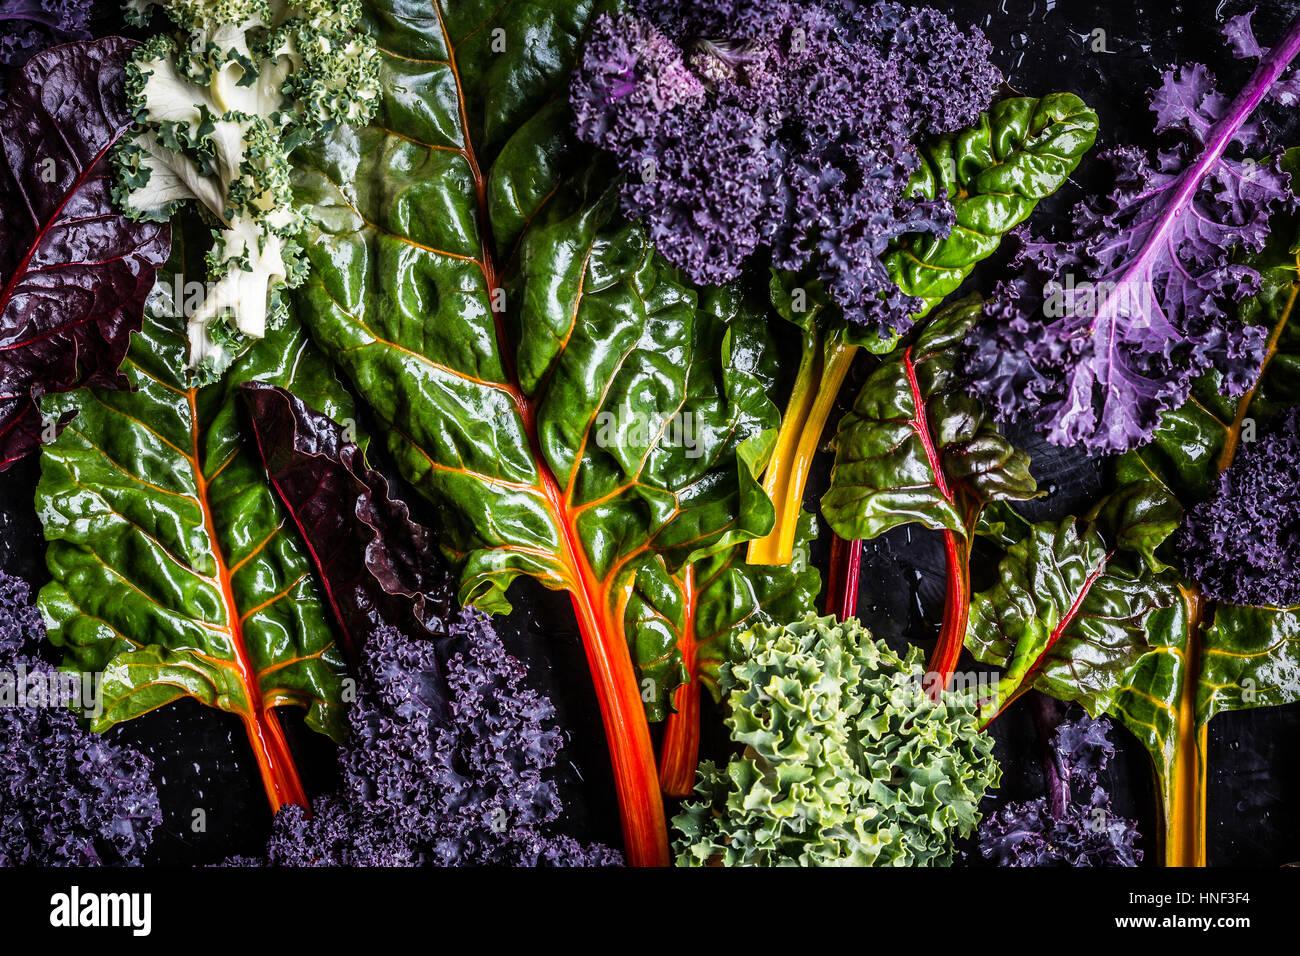 Freshly Harvested Kale Vegetable Varieties - Stock Image